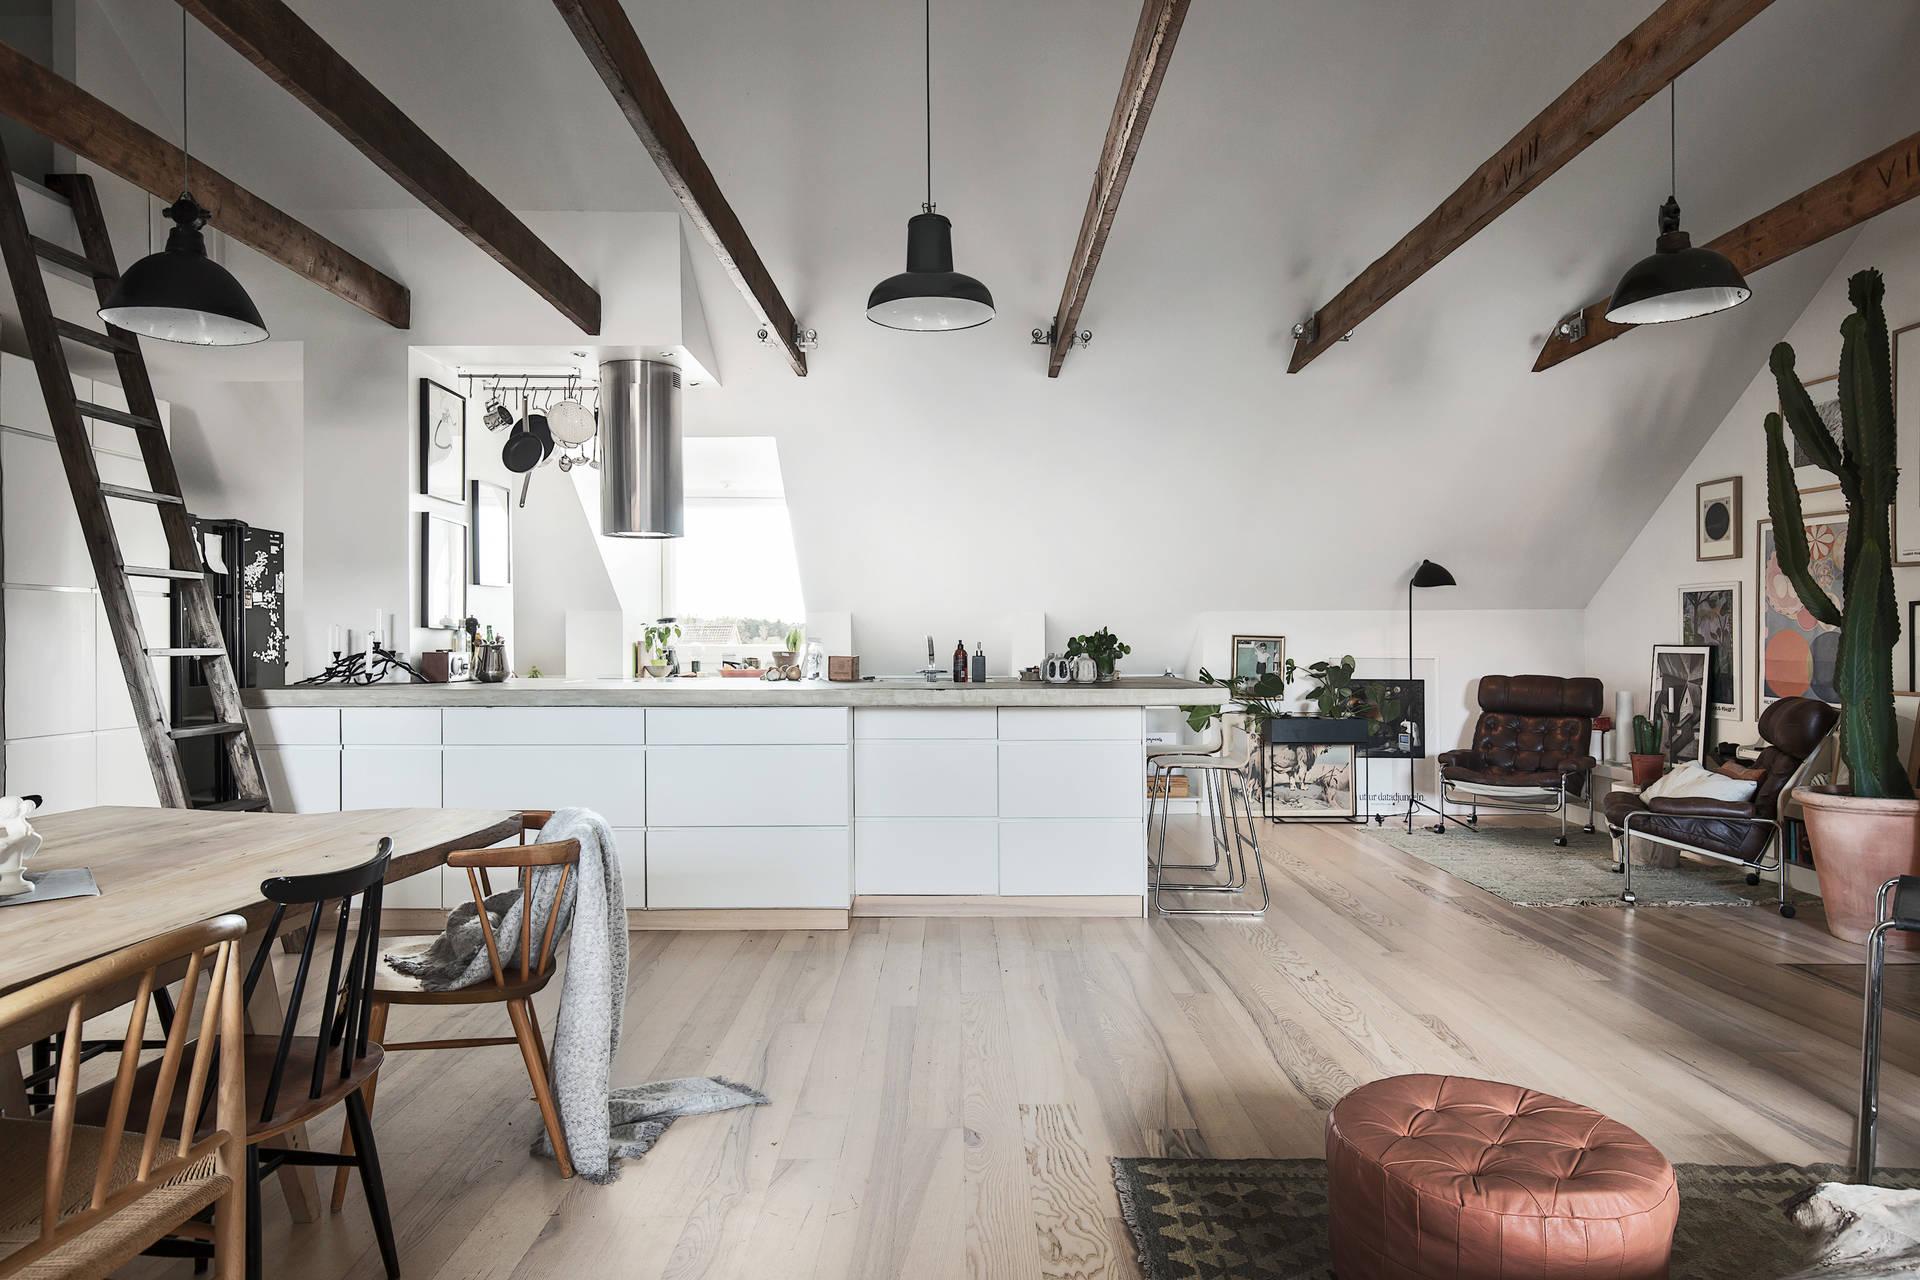 кухня мансарда высокий потолок балки